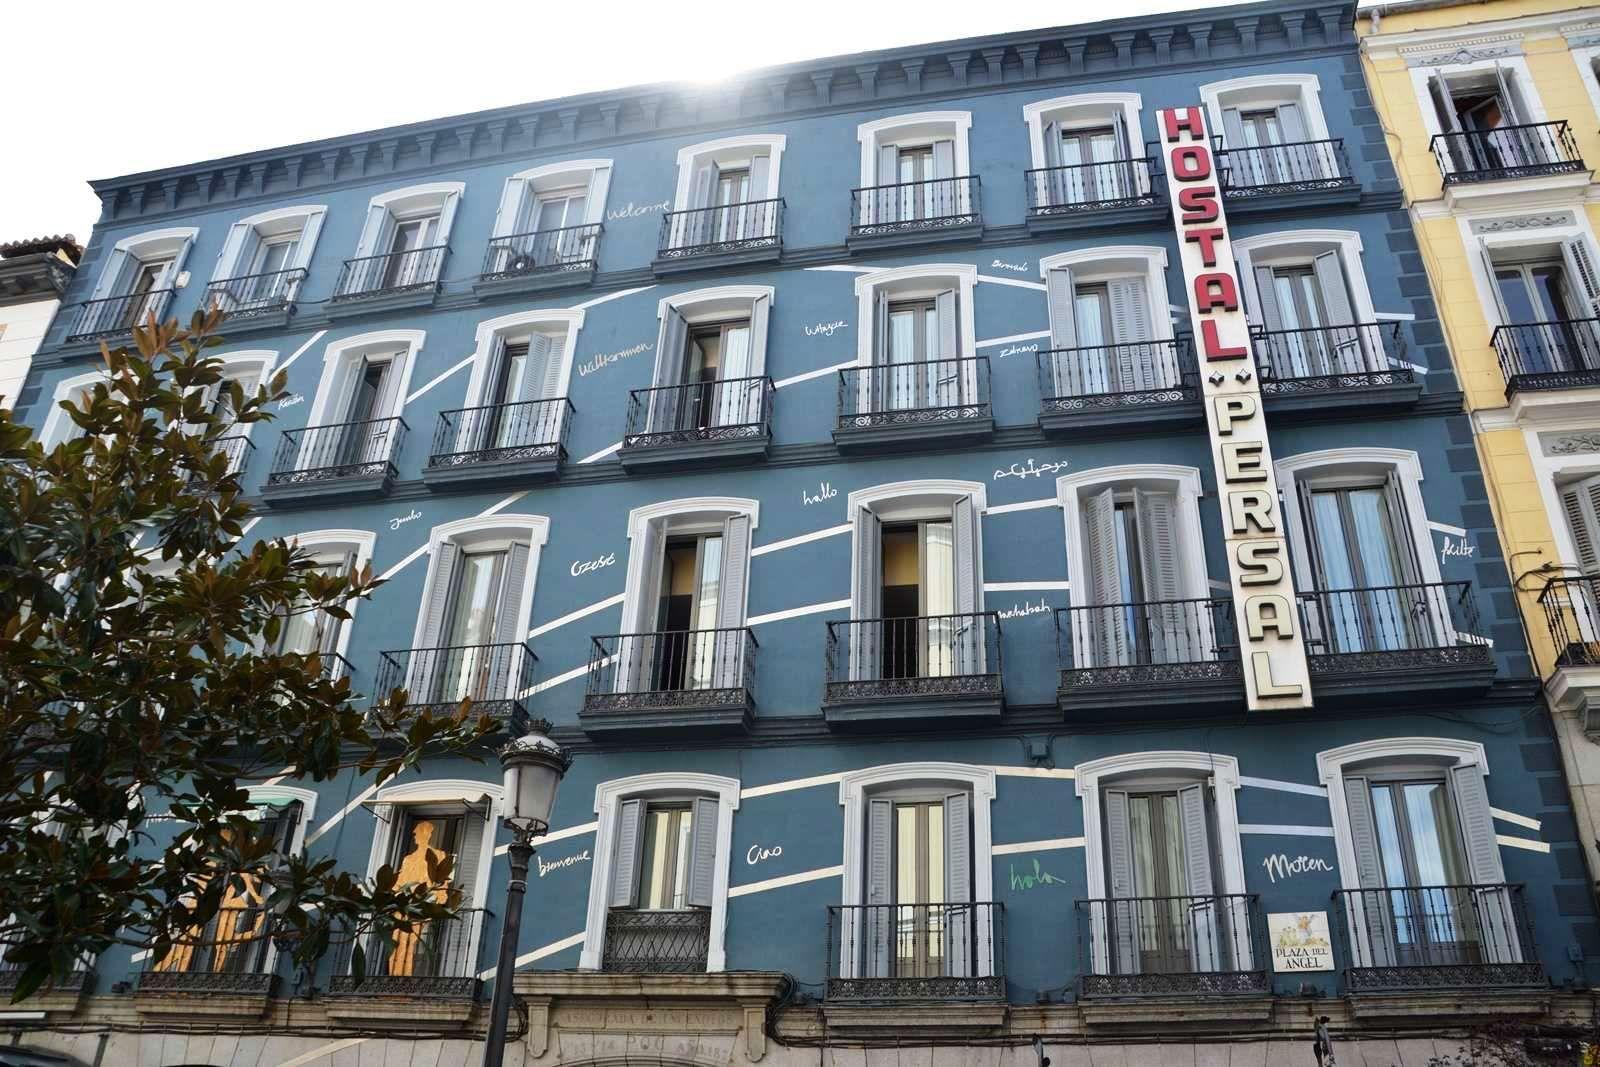 Hoteles de Madrid consejos para elegir bien  Mirador Madrid